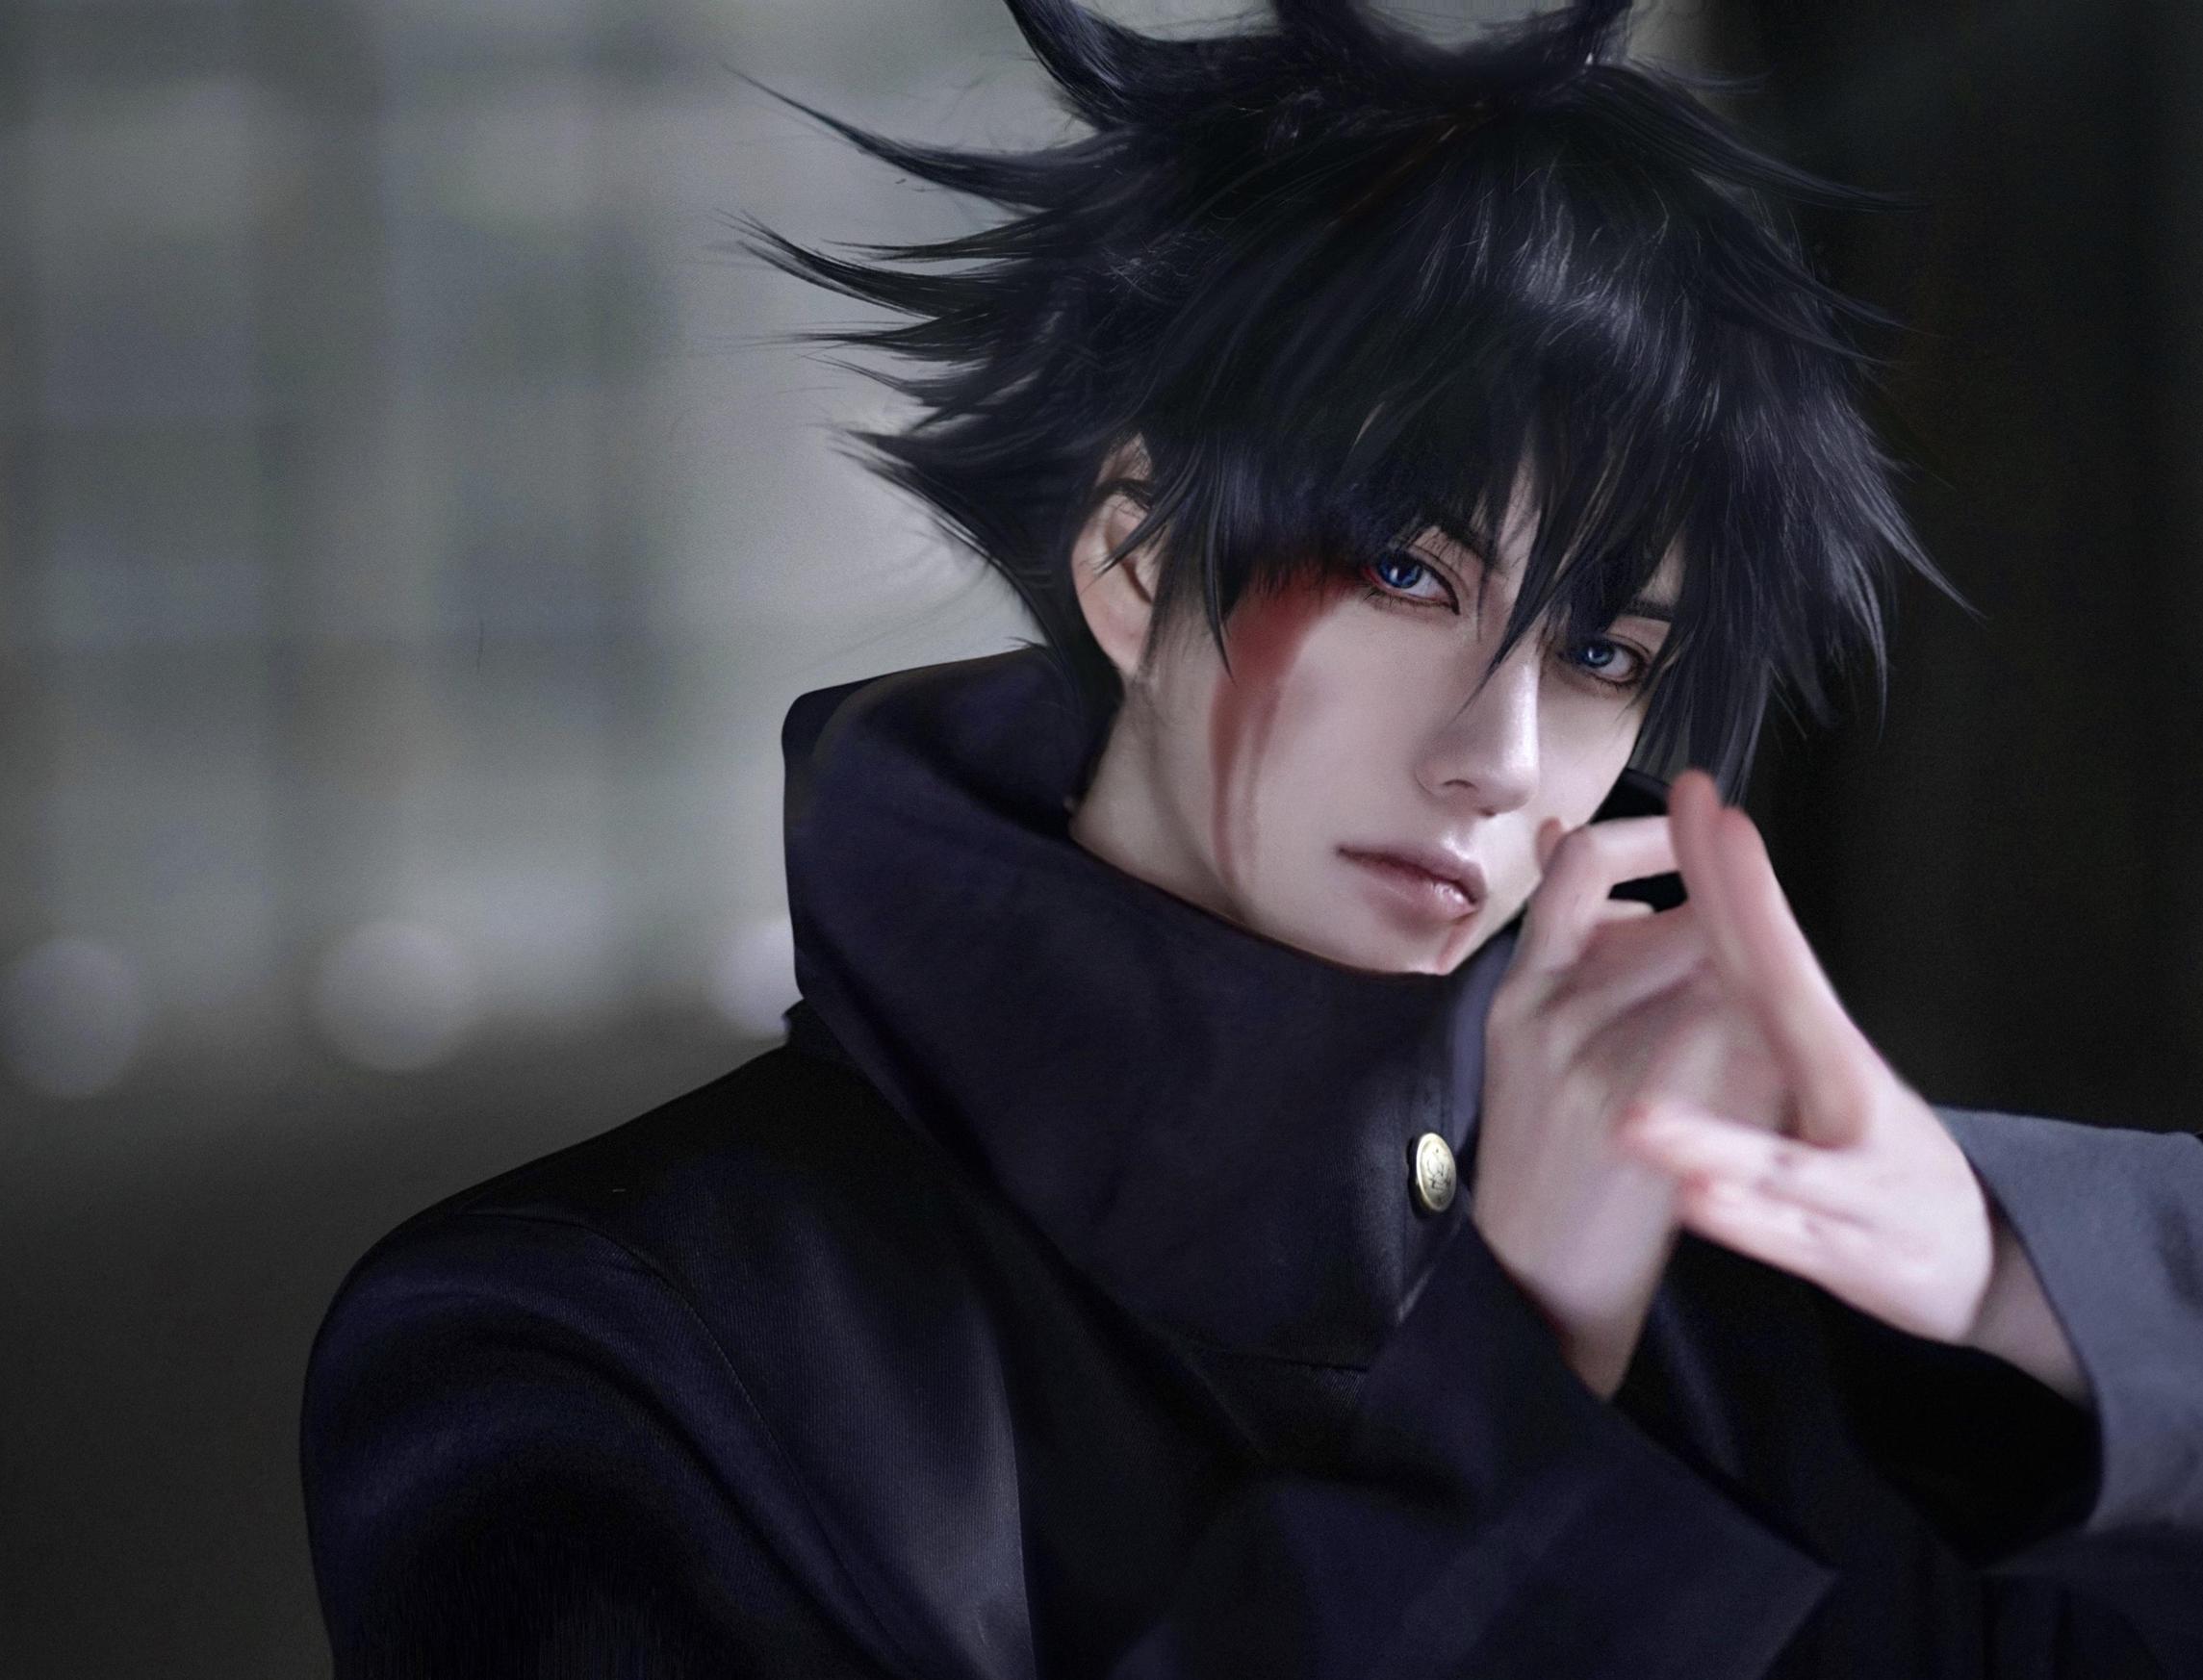 《咒术回战》陆鹫贰黑cosplay-第3张